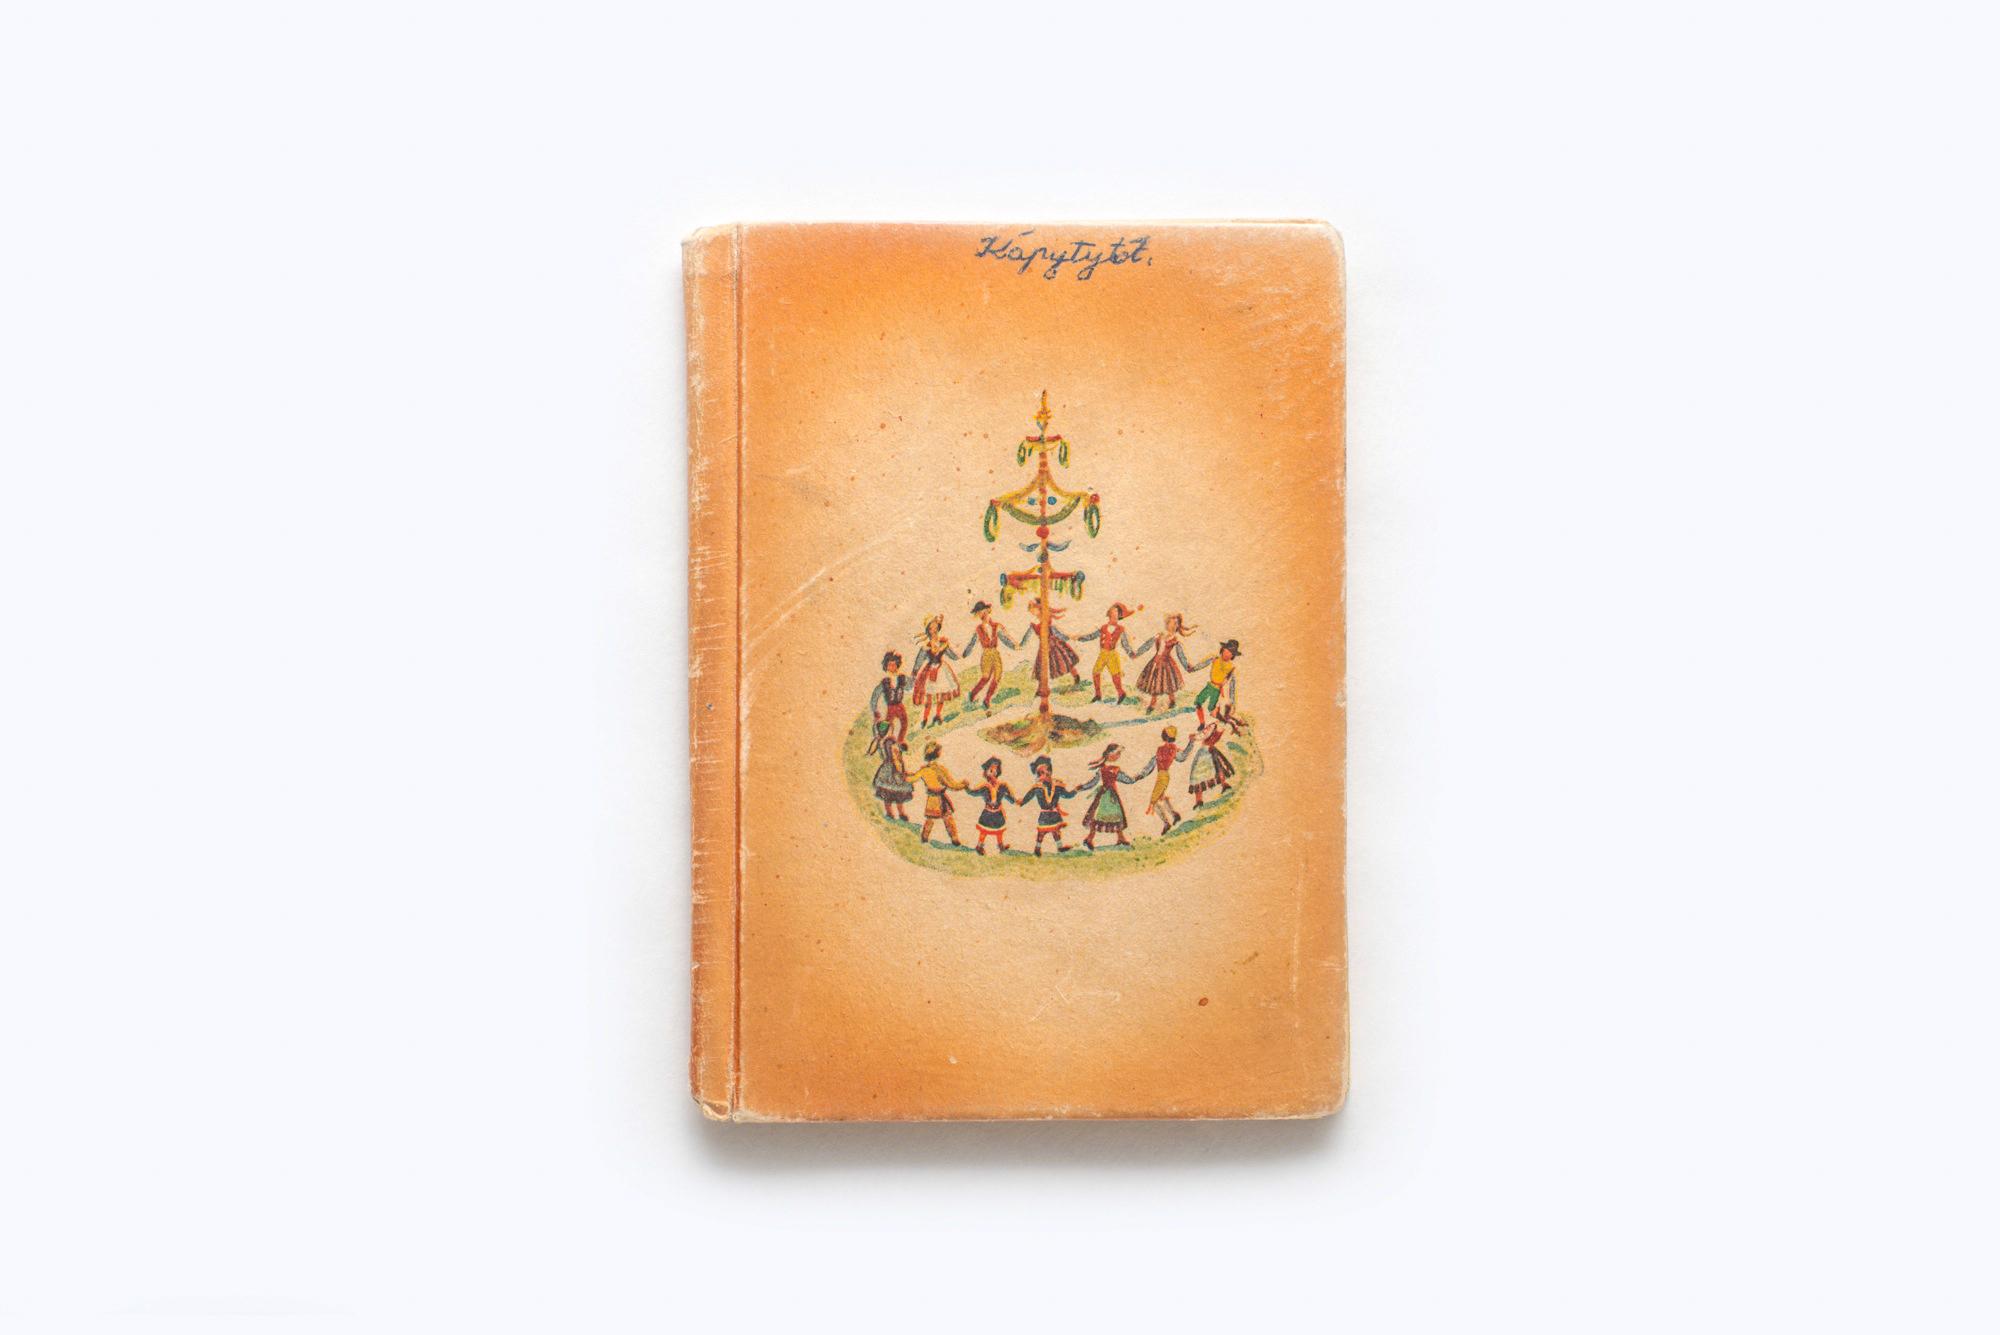 exercisebooks 10